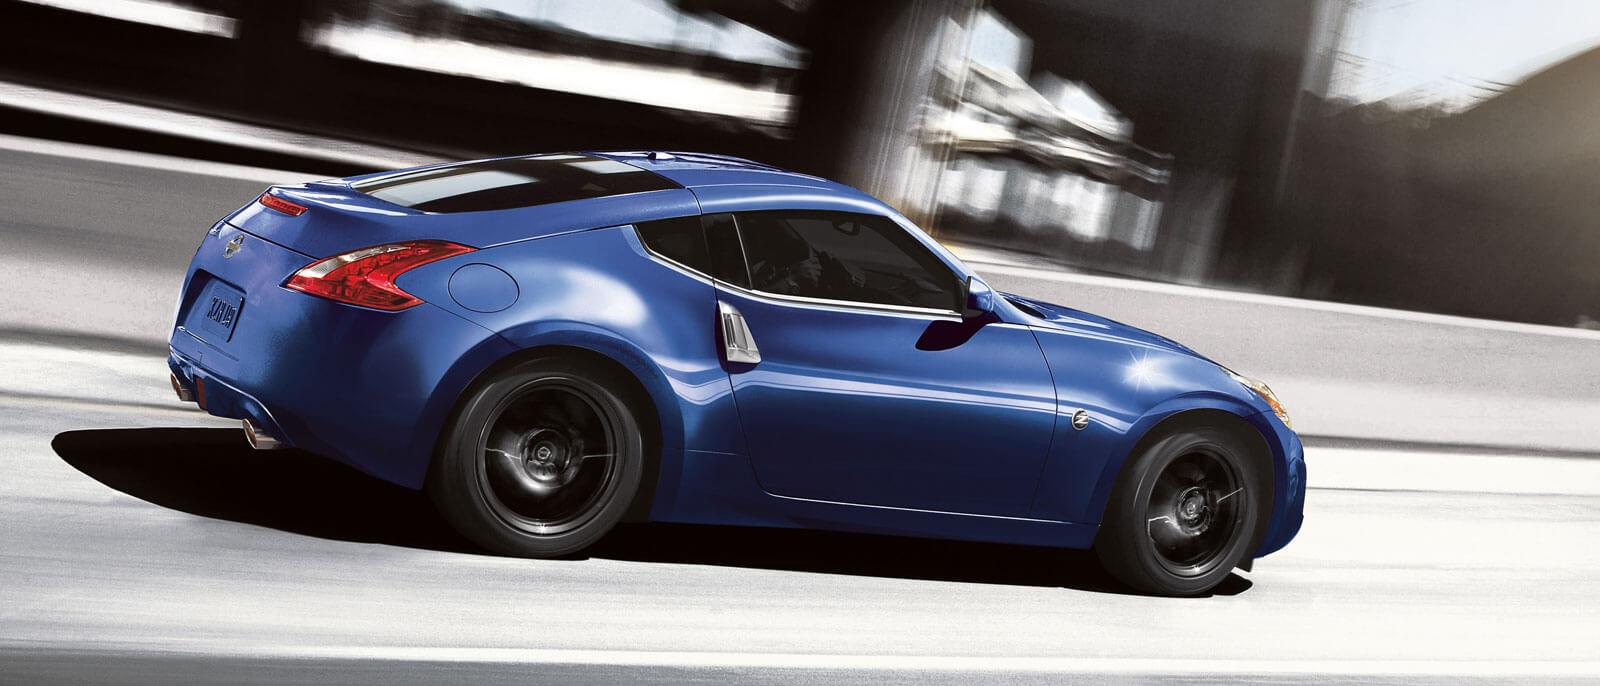 2016 Nissan 370Z side view in blue